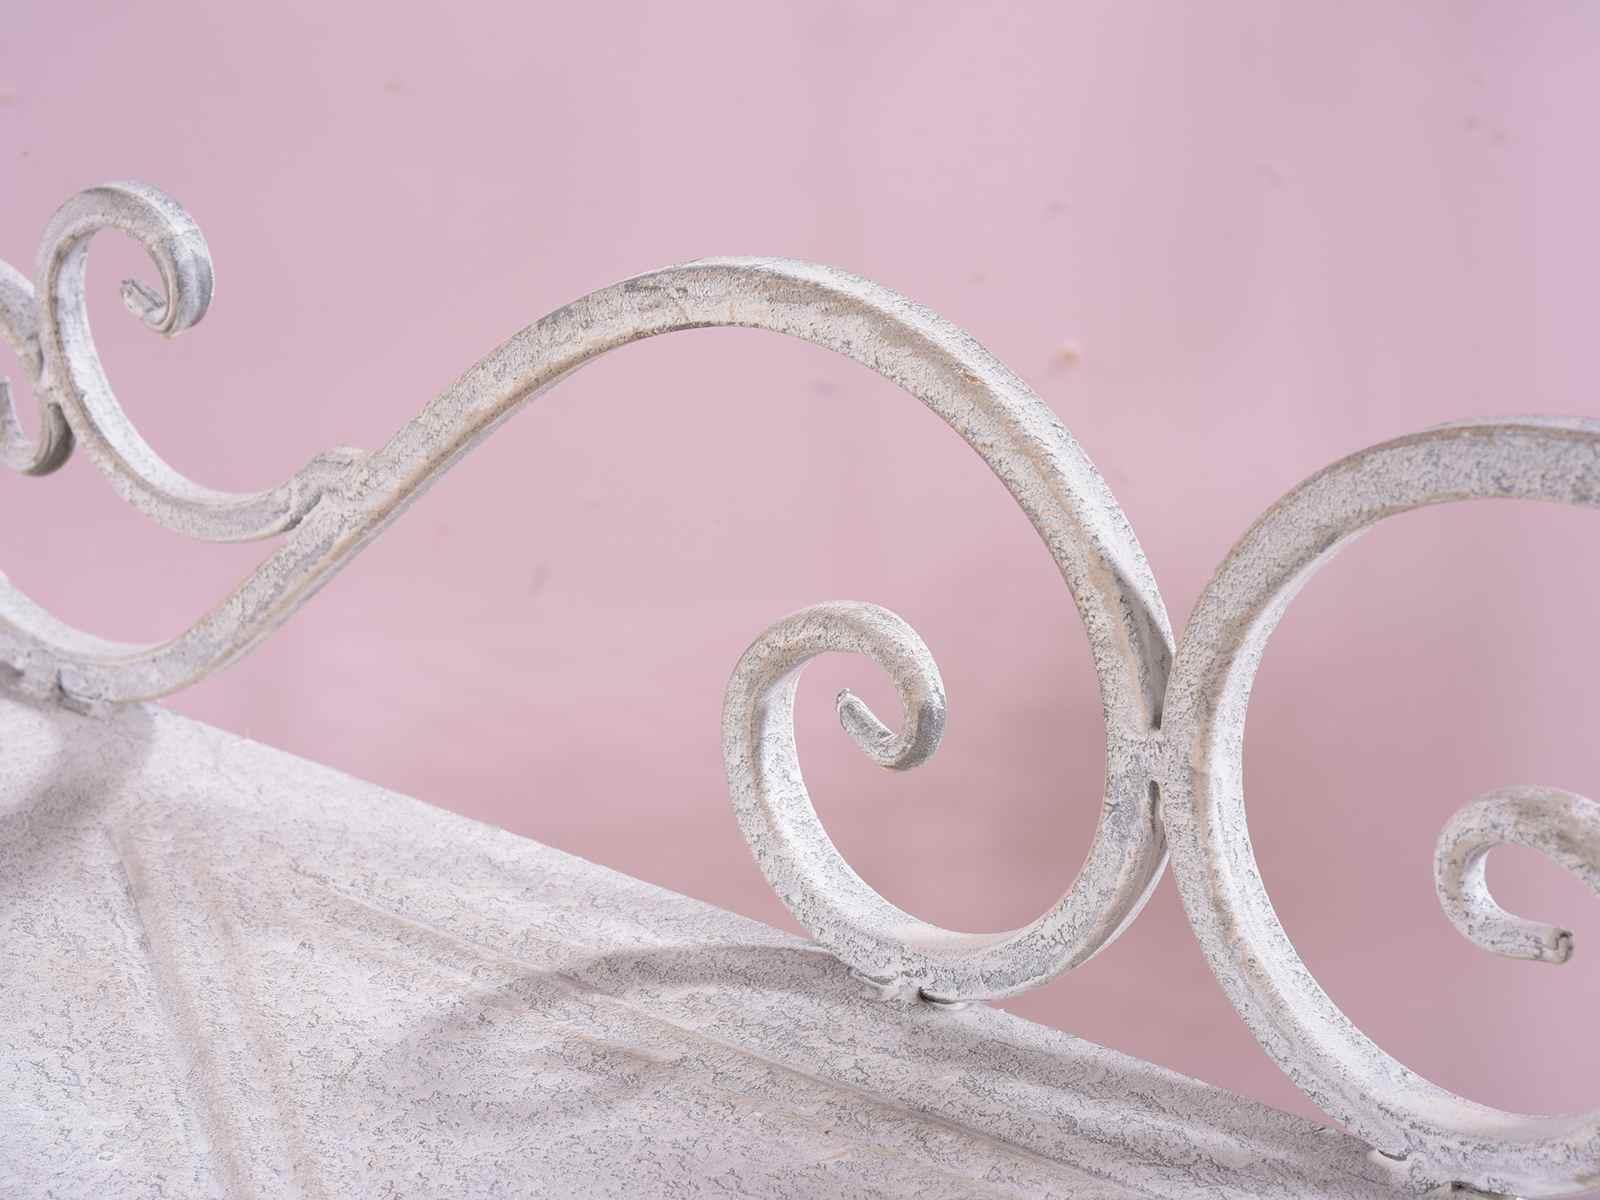 Scala decorativa 3 ripiani richiudibile in metallo - Scala decorativa ...